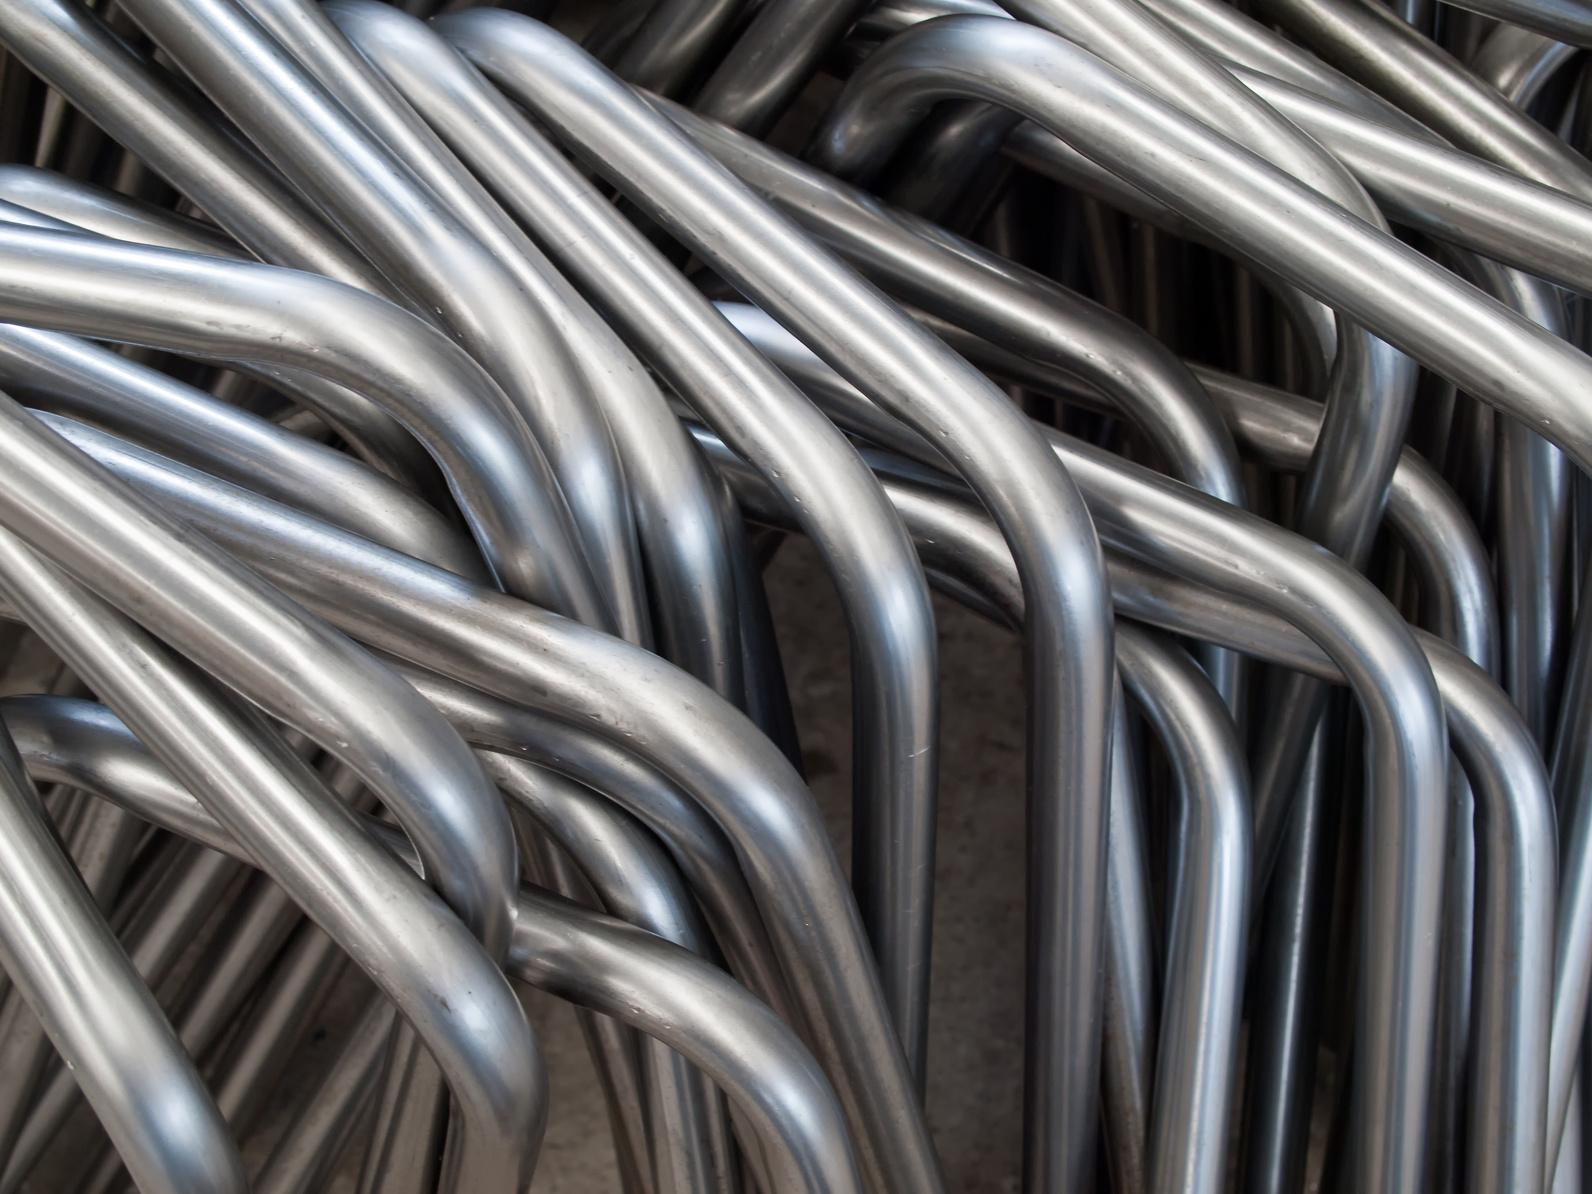 Stapel aus gebogenen Stahlrohren